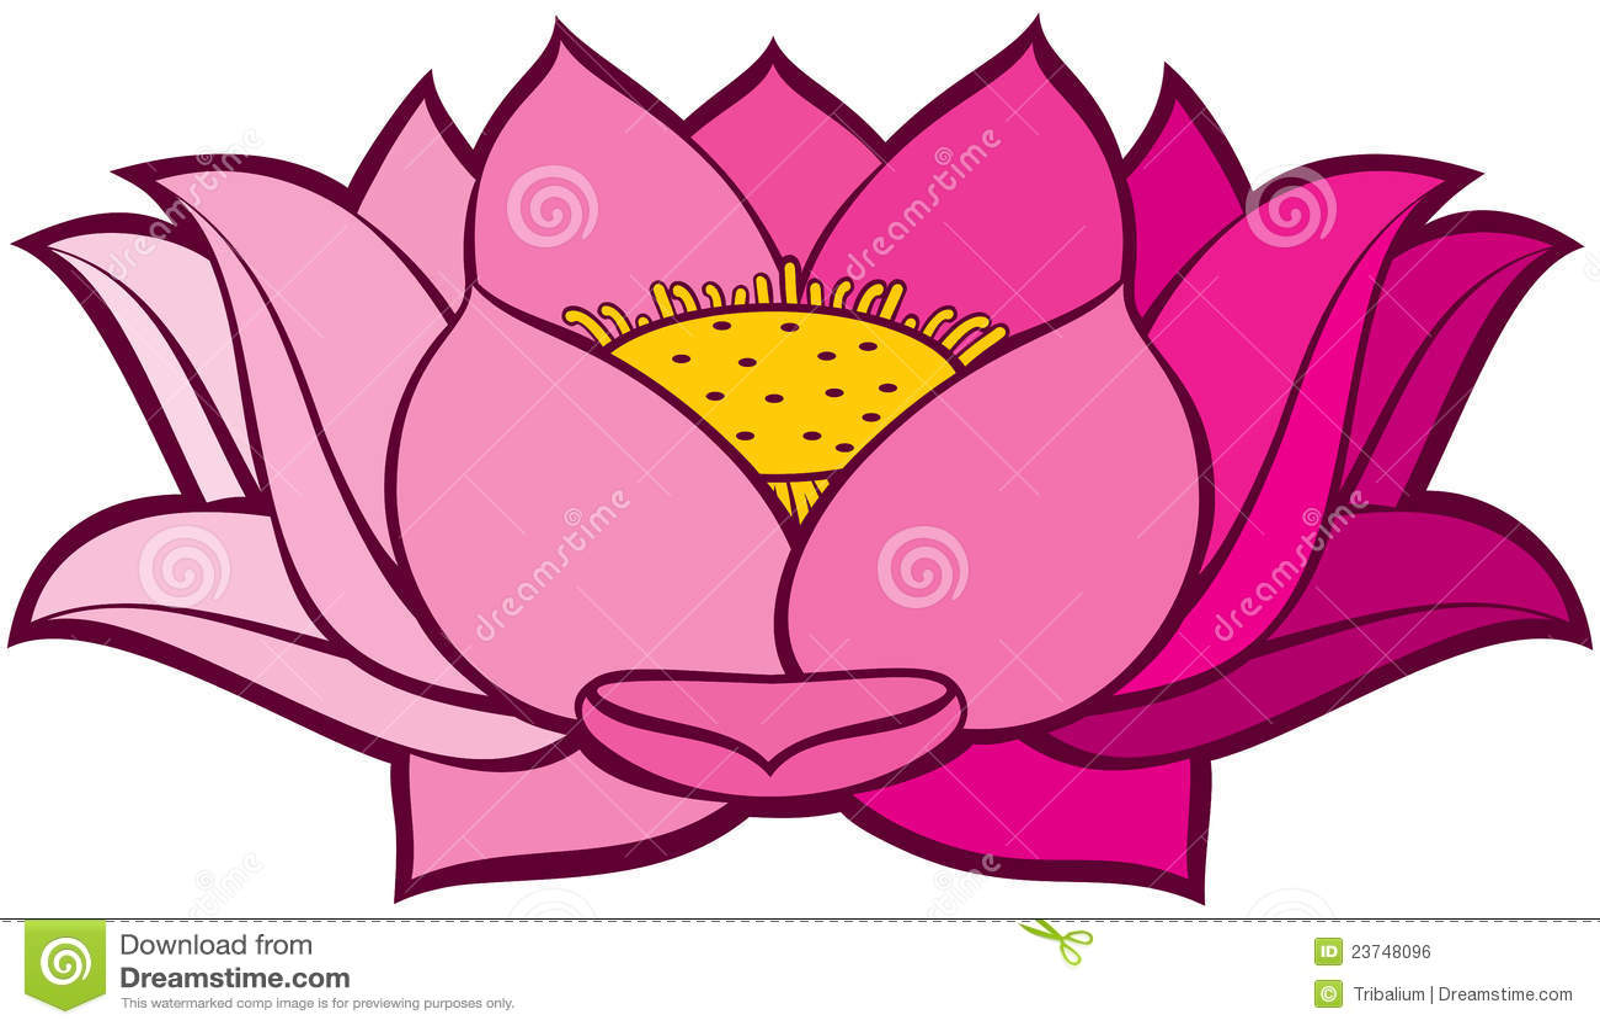 lotusblomma tecknad